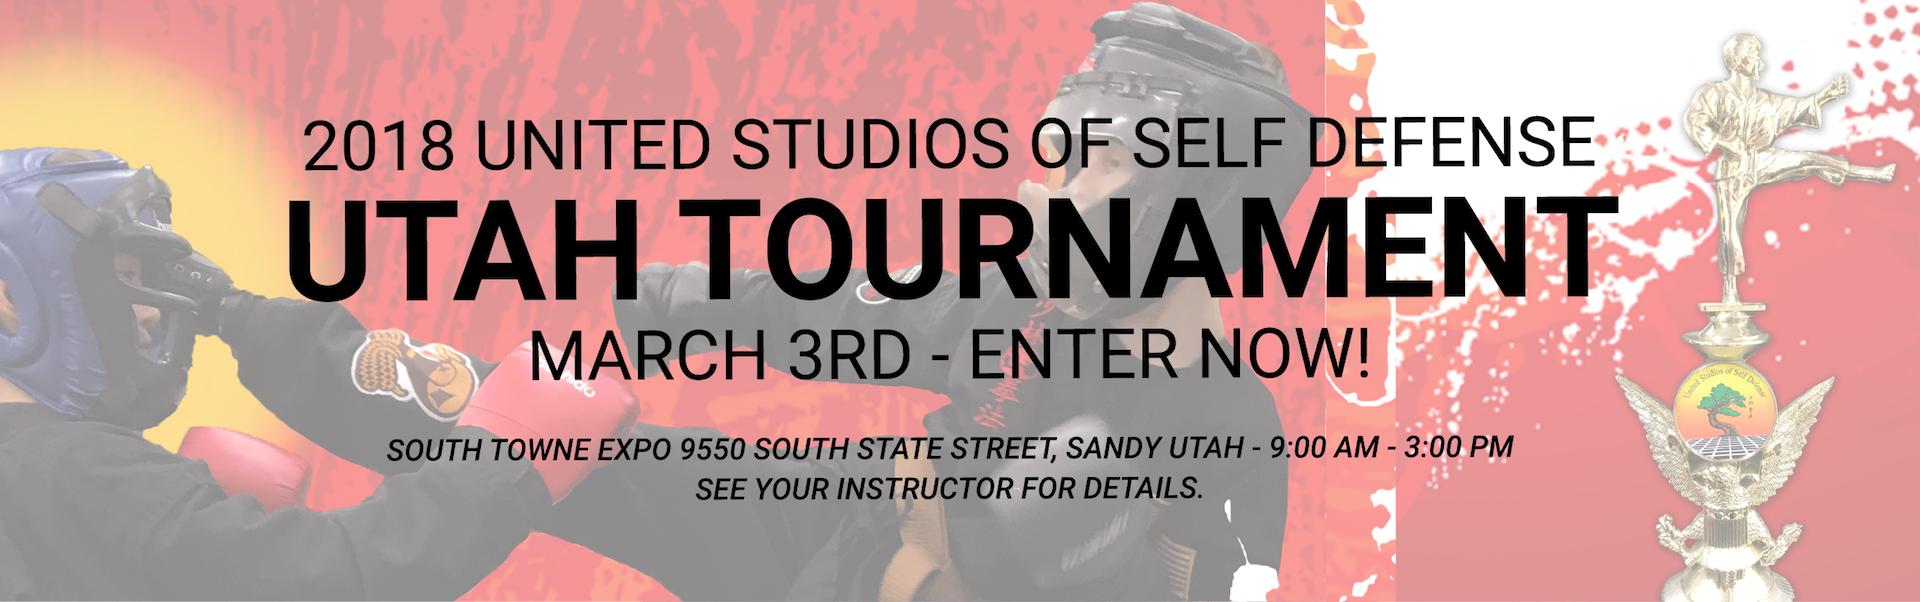 Utah USSD Tournament